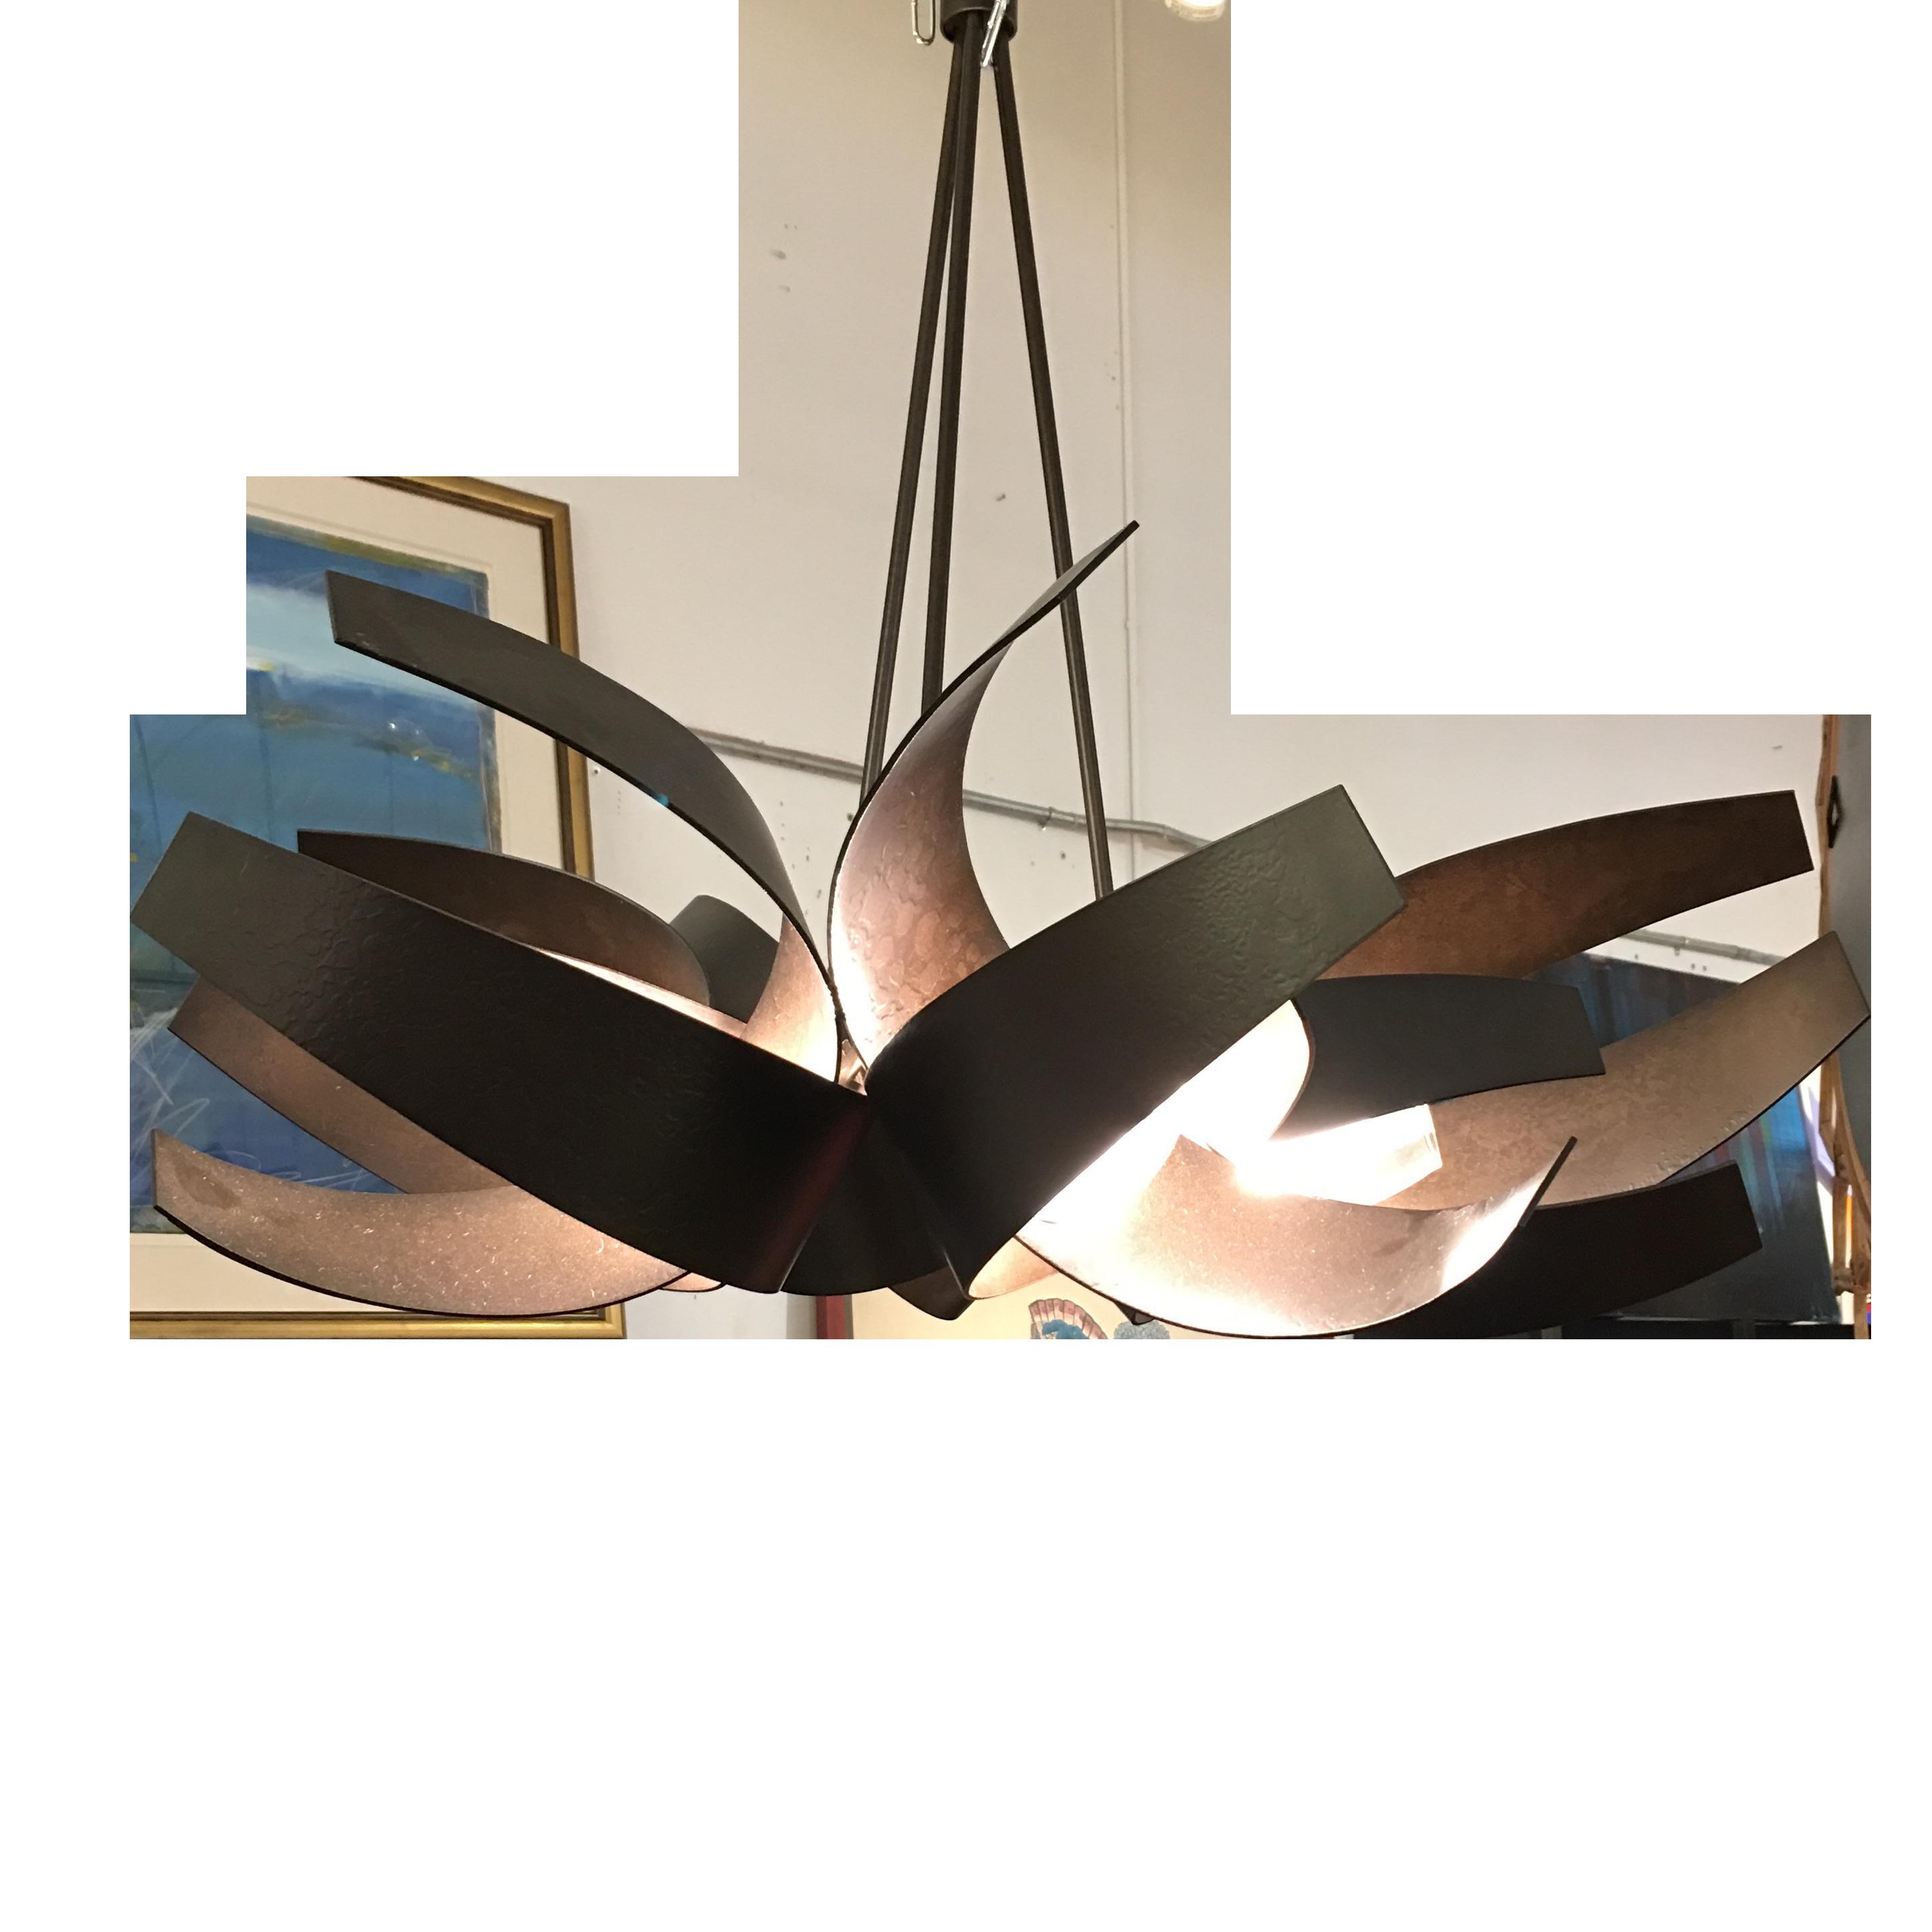 Corona Chandelier Hubbardton Forge Chandeliers Design – Corona Chandelier